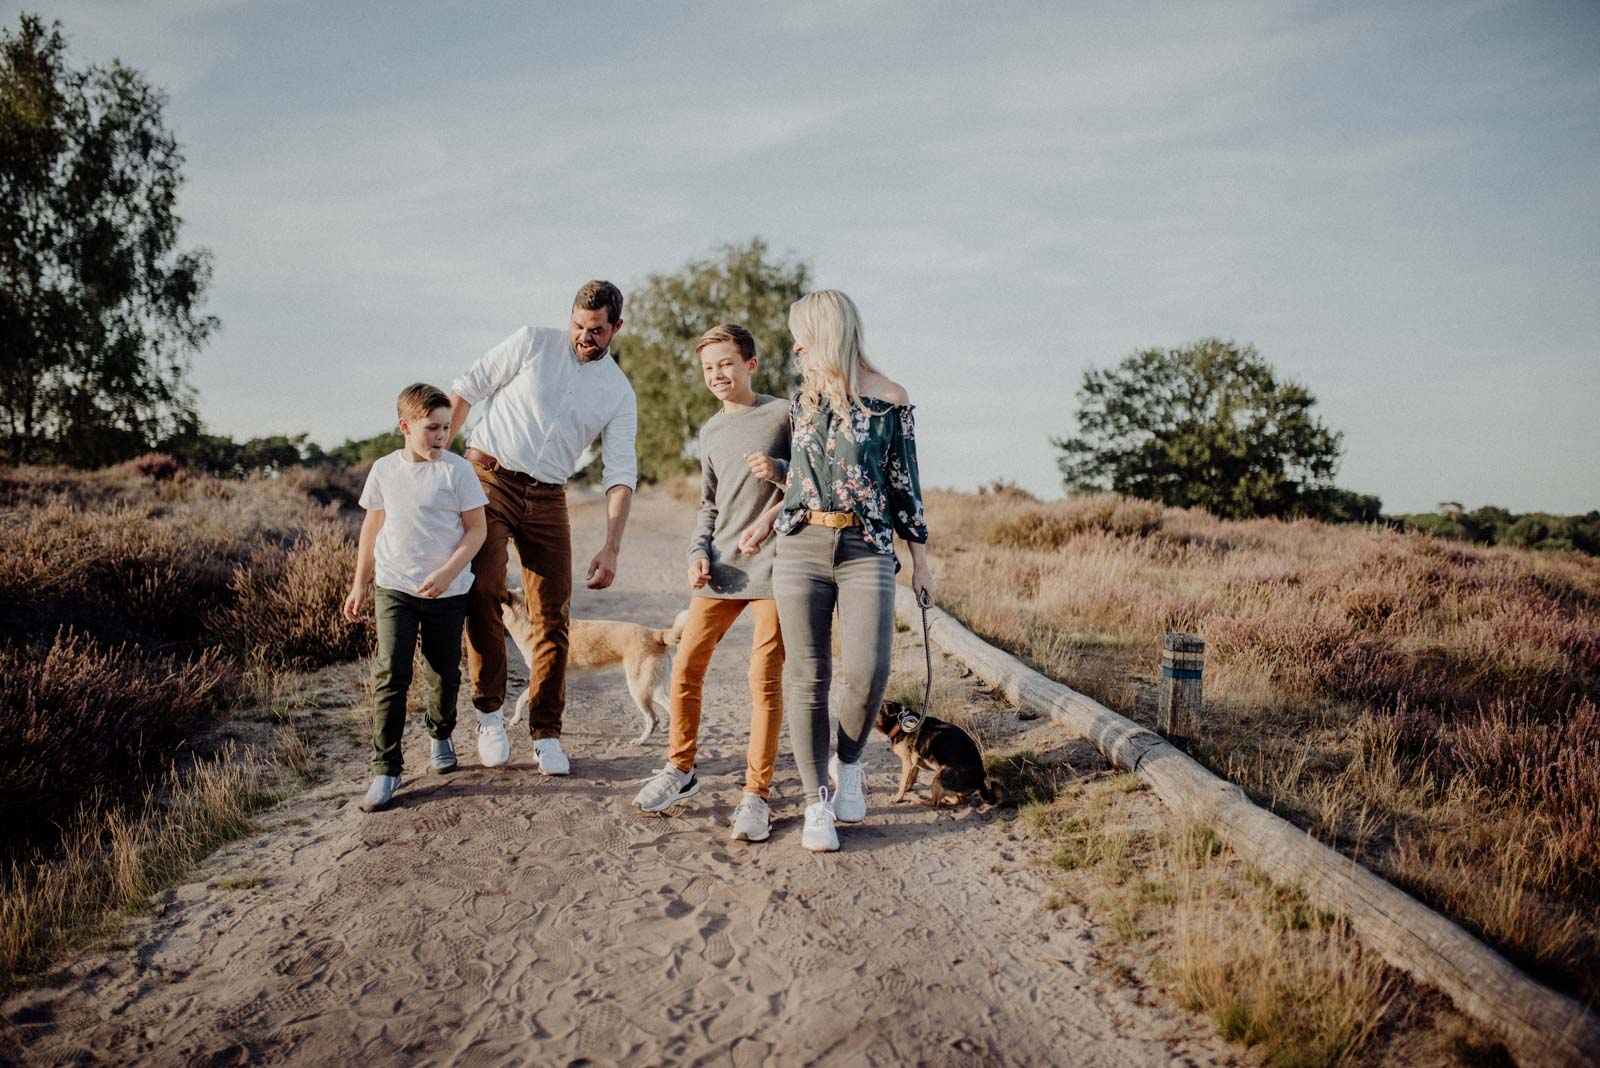 024-Familienfotos-Familienreportage-Heideshooting-natürlich-Heide